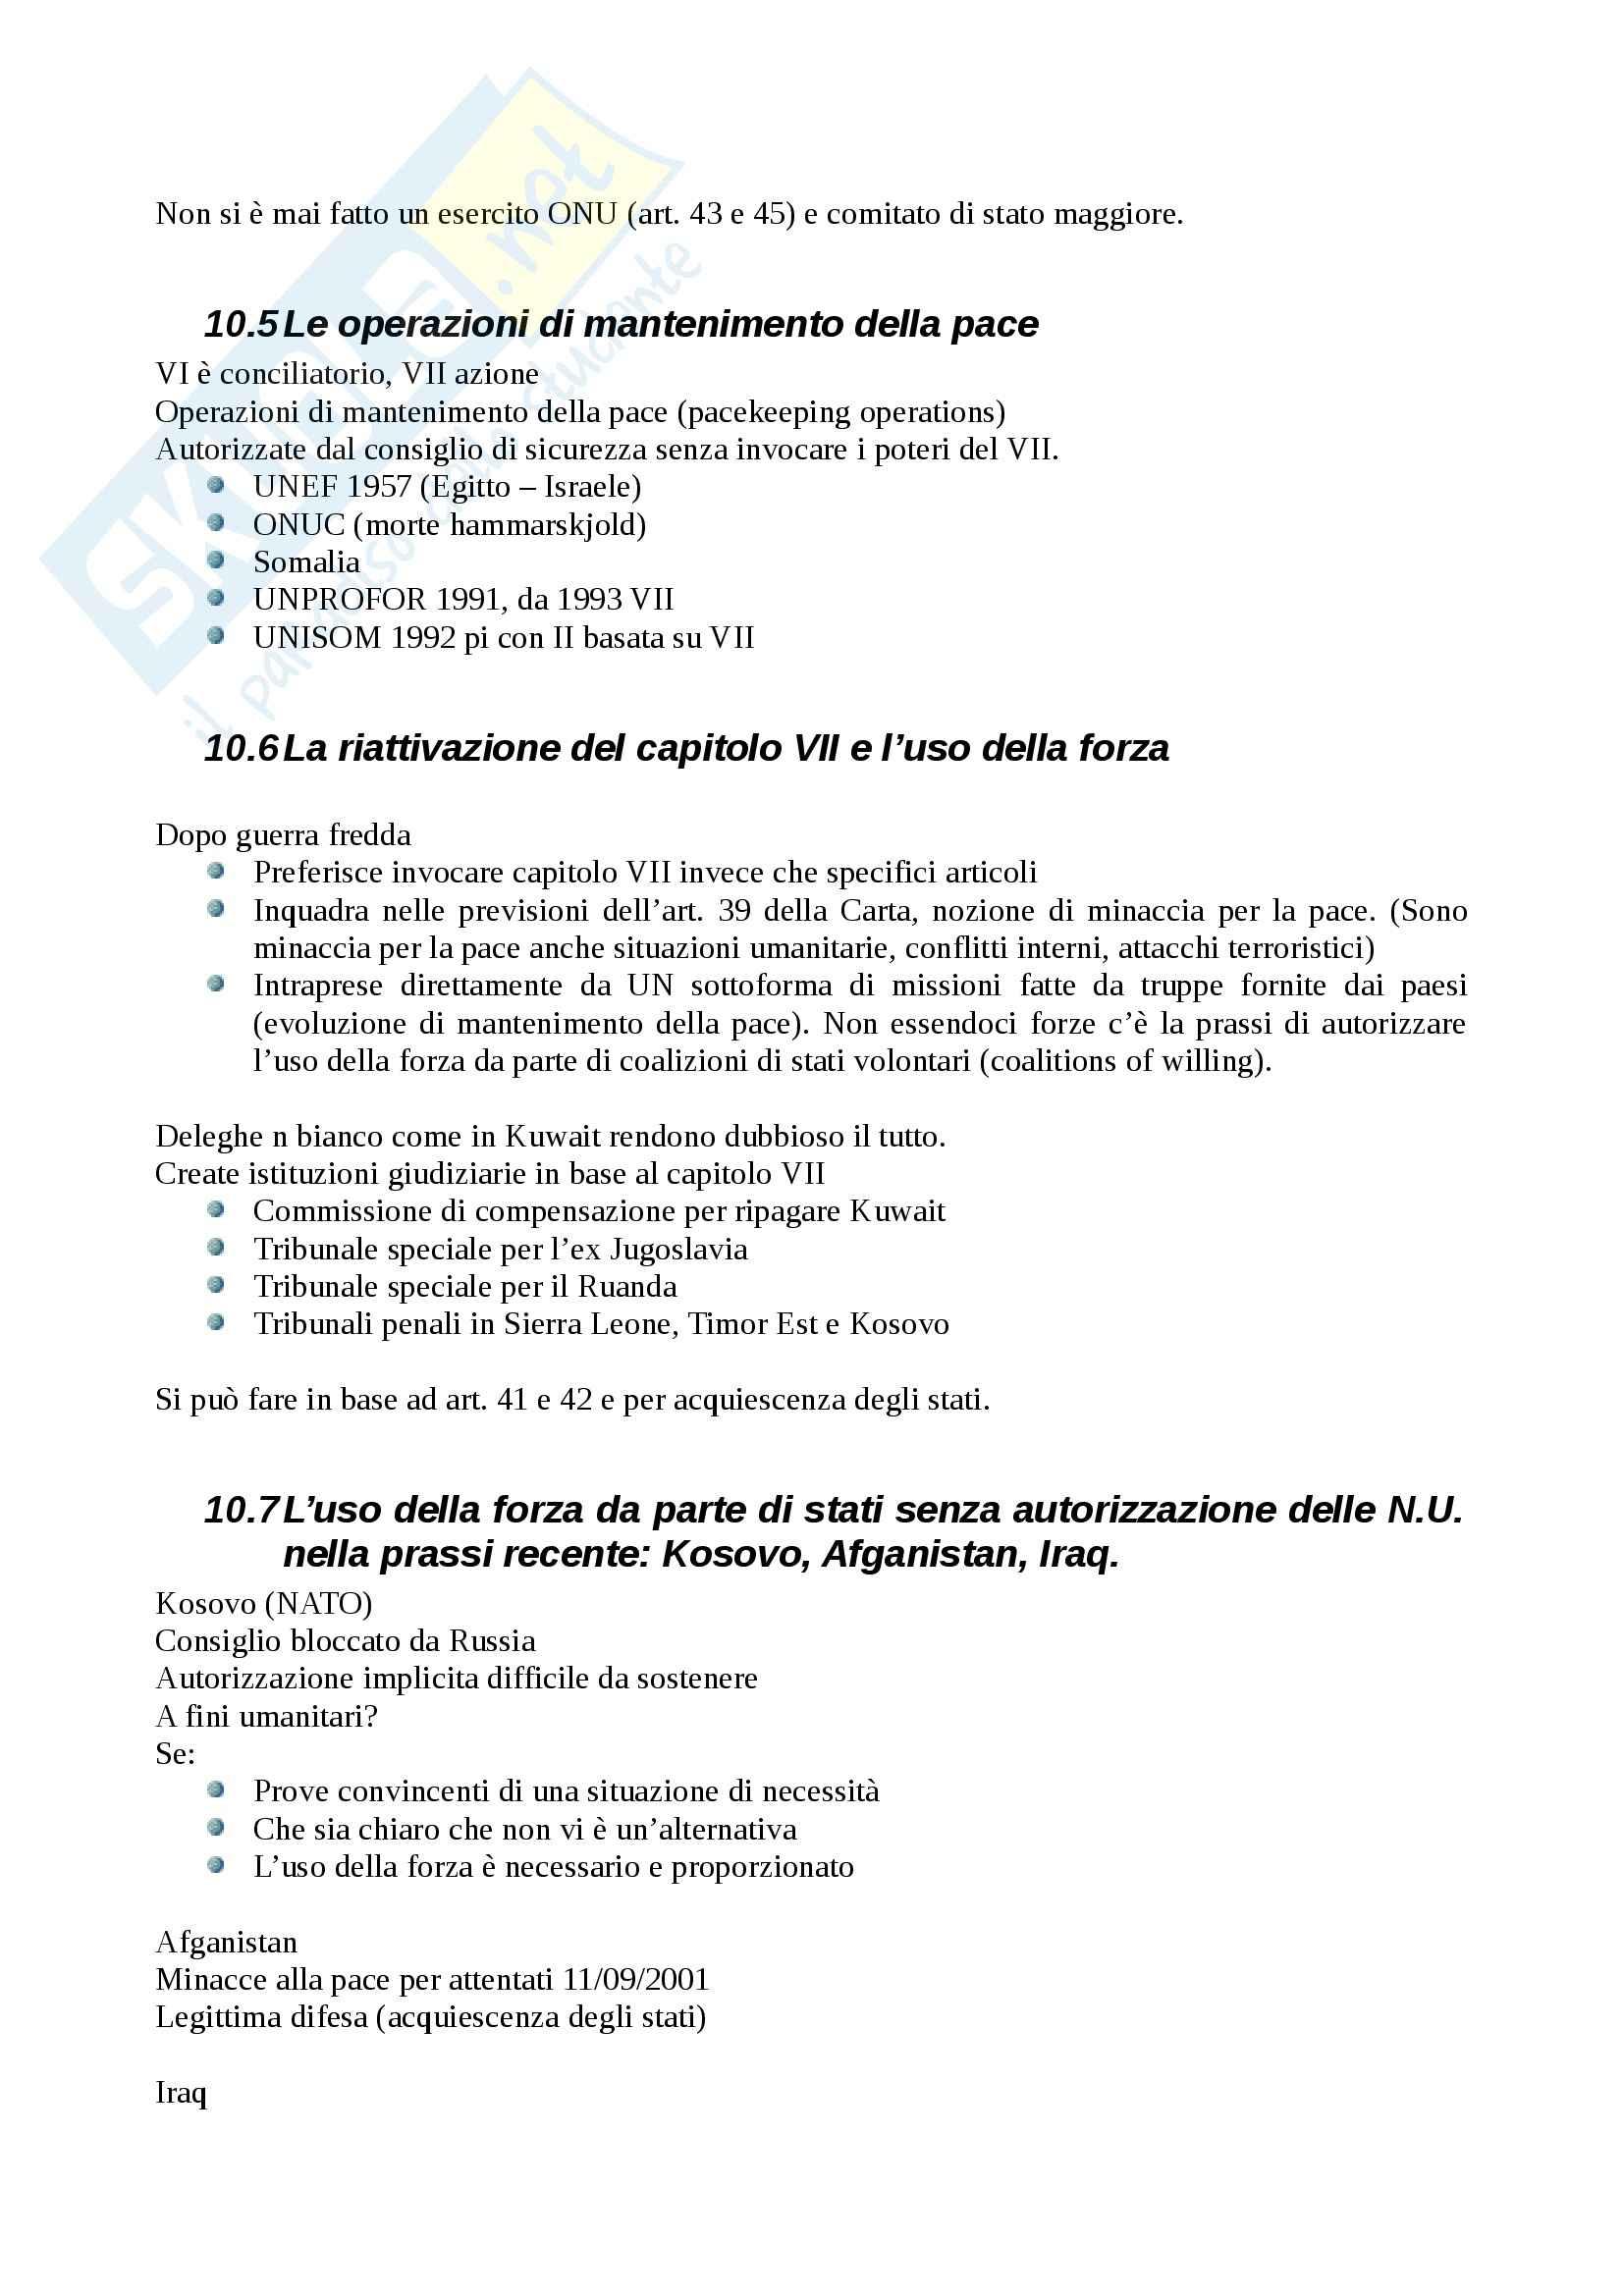 Diritto internazionale - Appunti Pag. 46